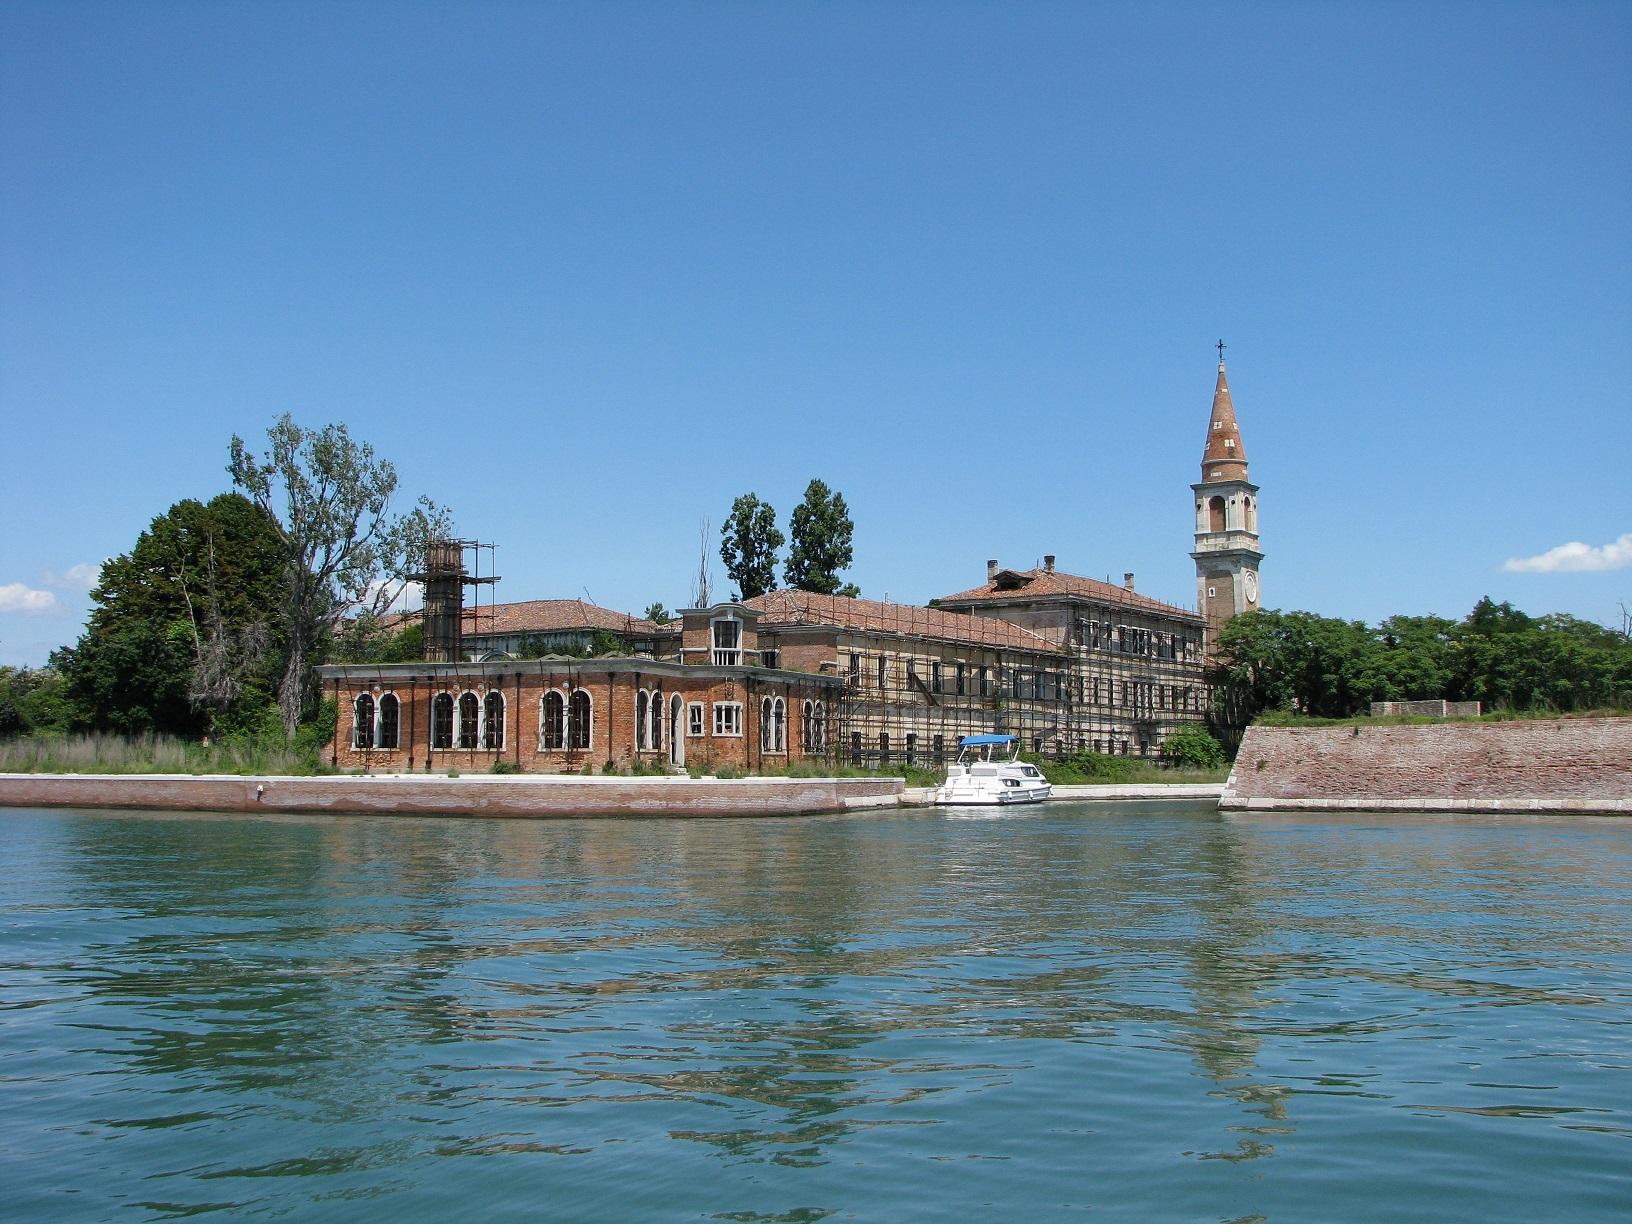 Wyspa Śmierci, Włochy